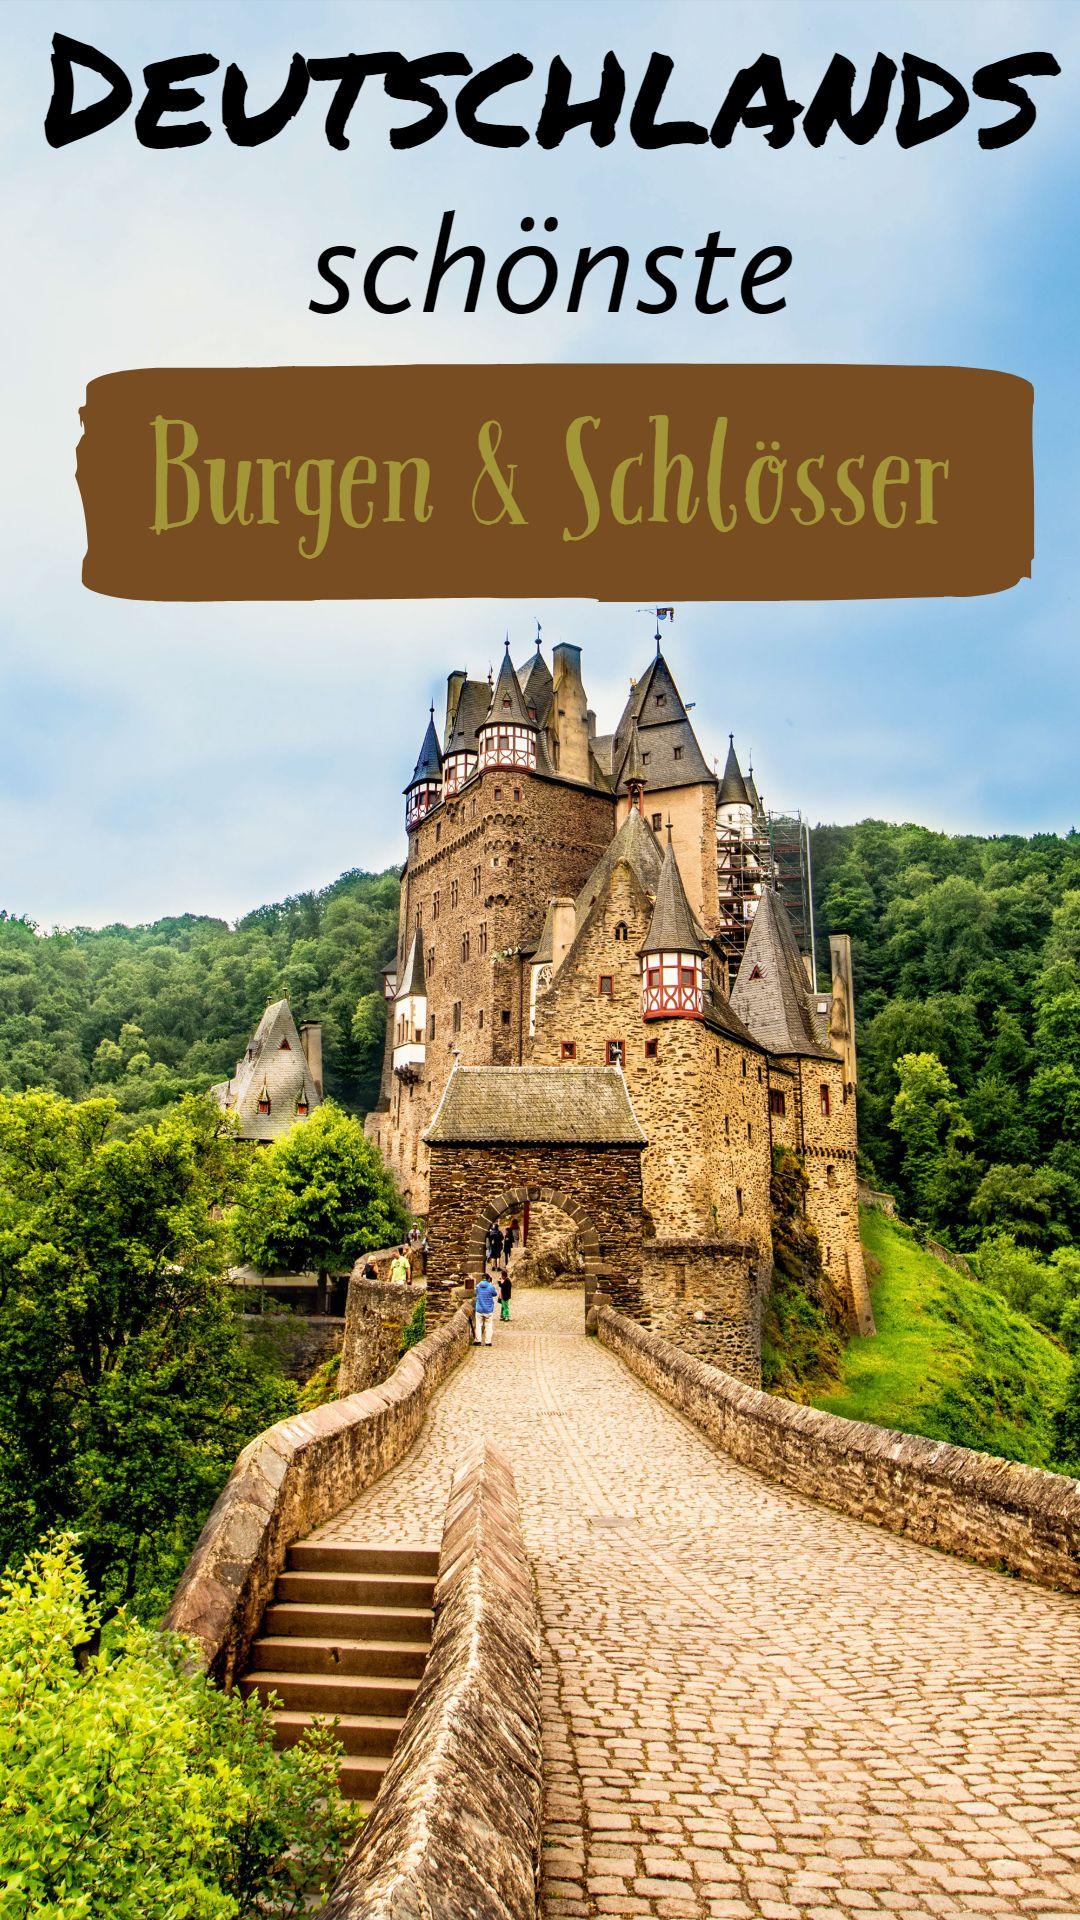 Meine Auswahl der schönsten Schlösser & Burgen in Deutschland